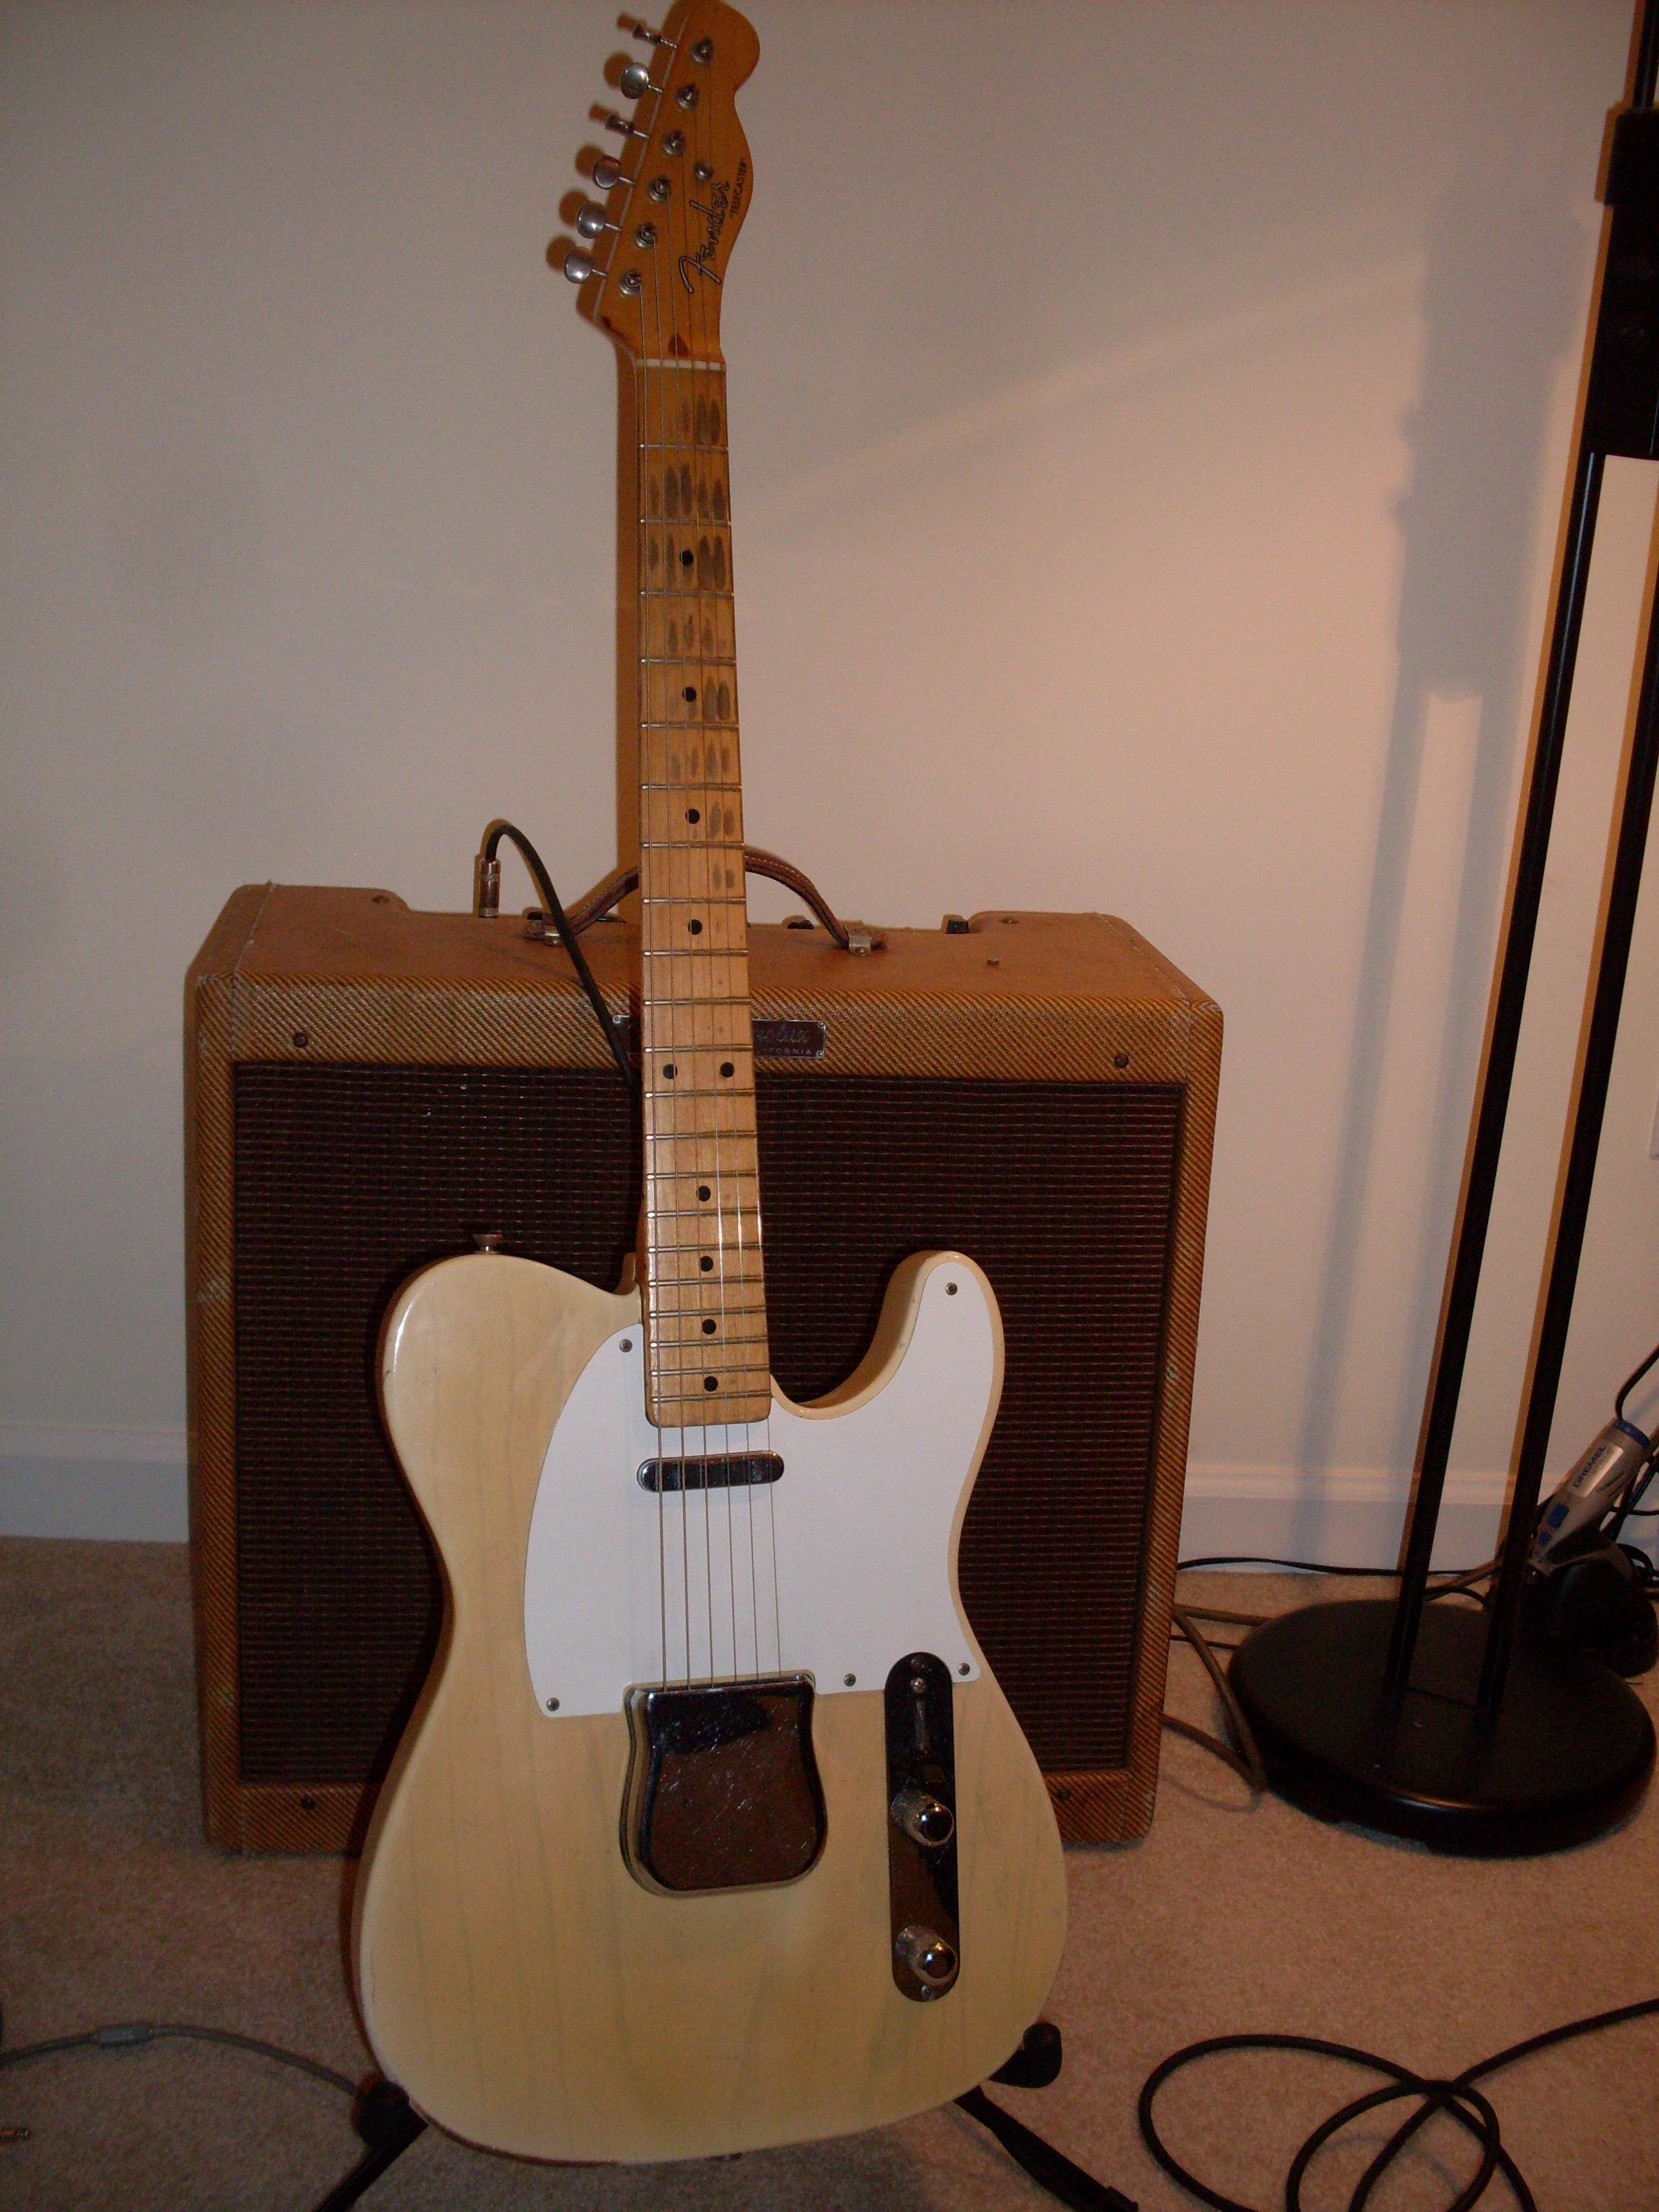 fender telecaster 1955 blonde guitar for sale ok guitars. Black Bedroom Furniture Sets. Home Design Ideas